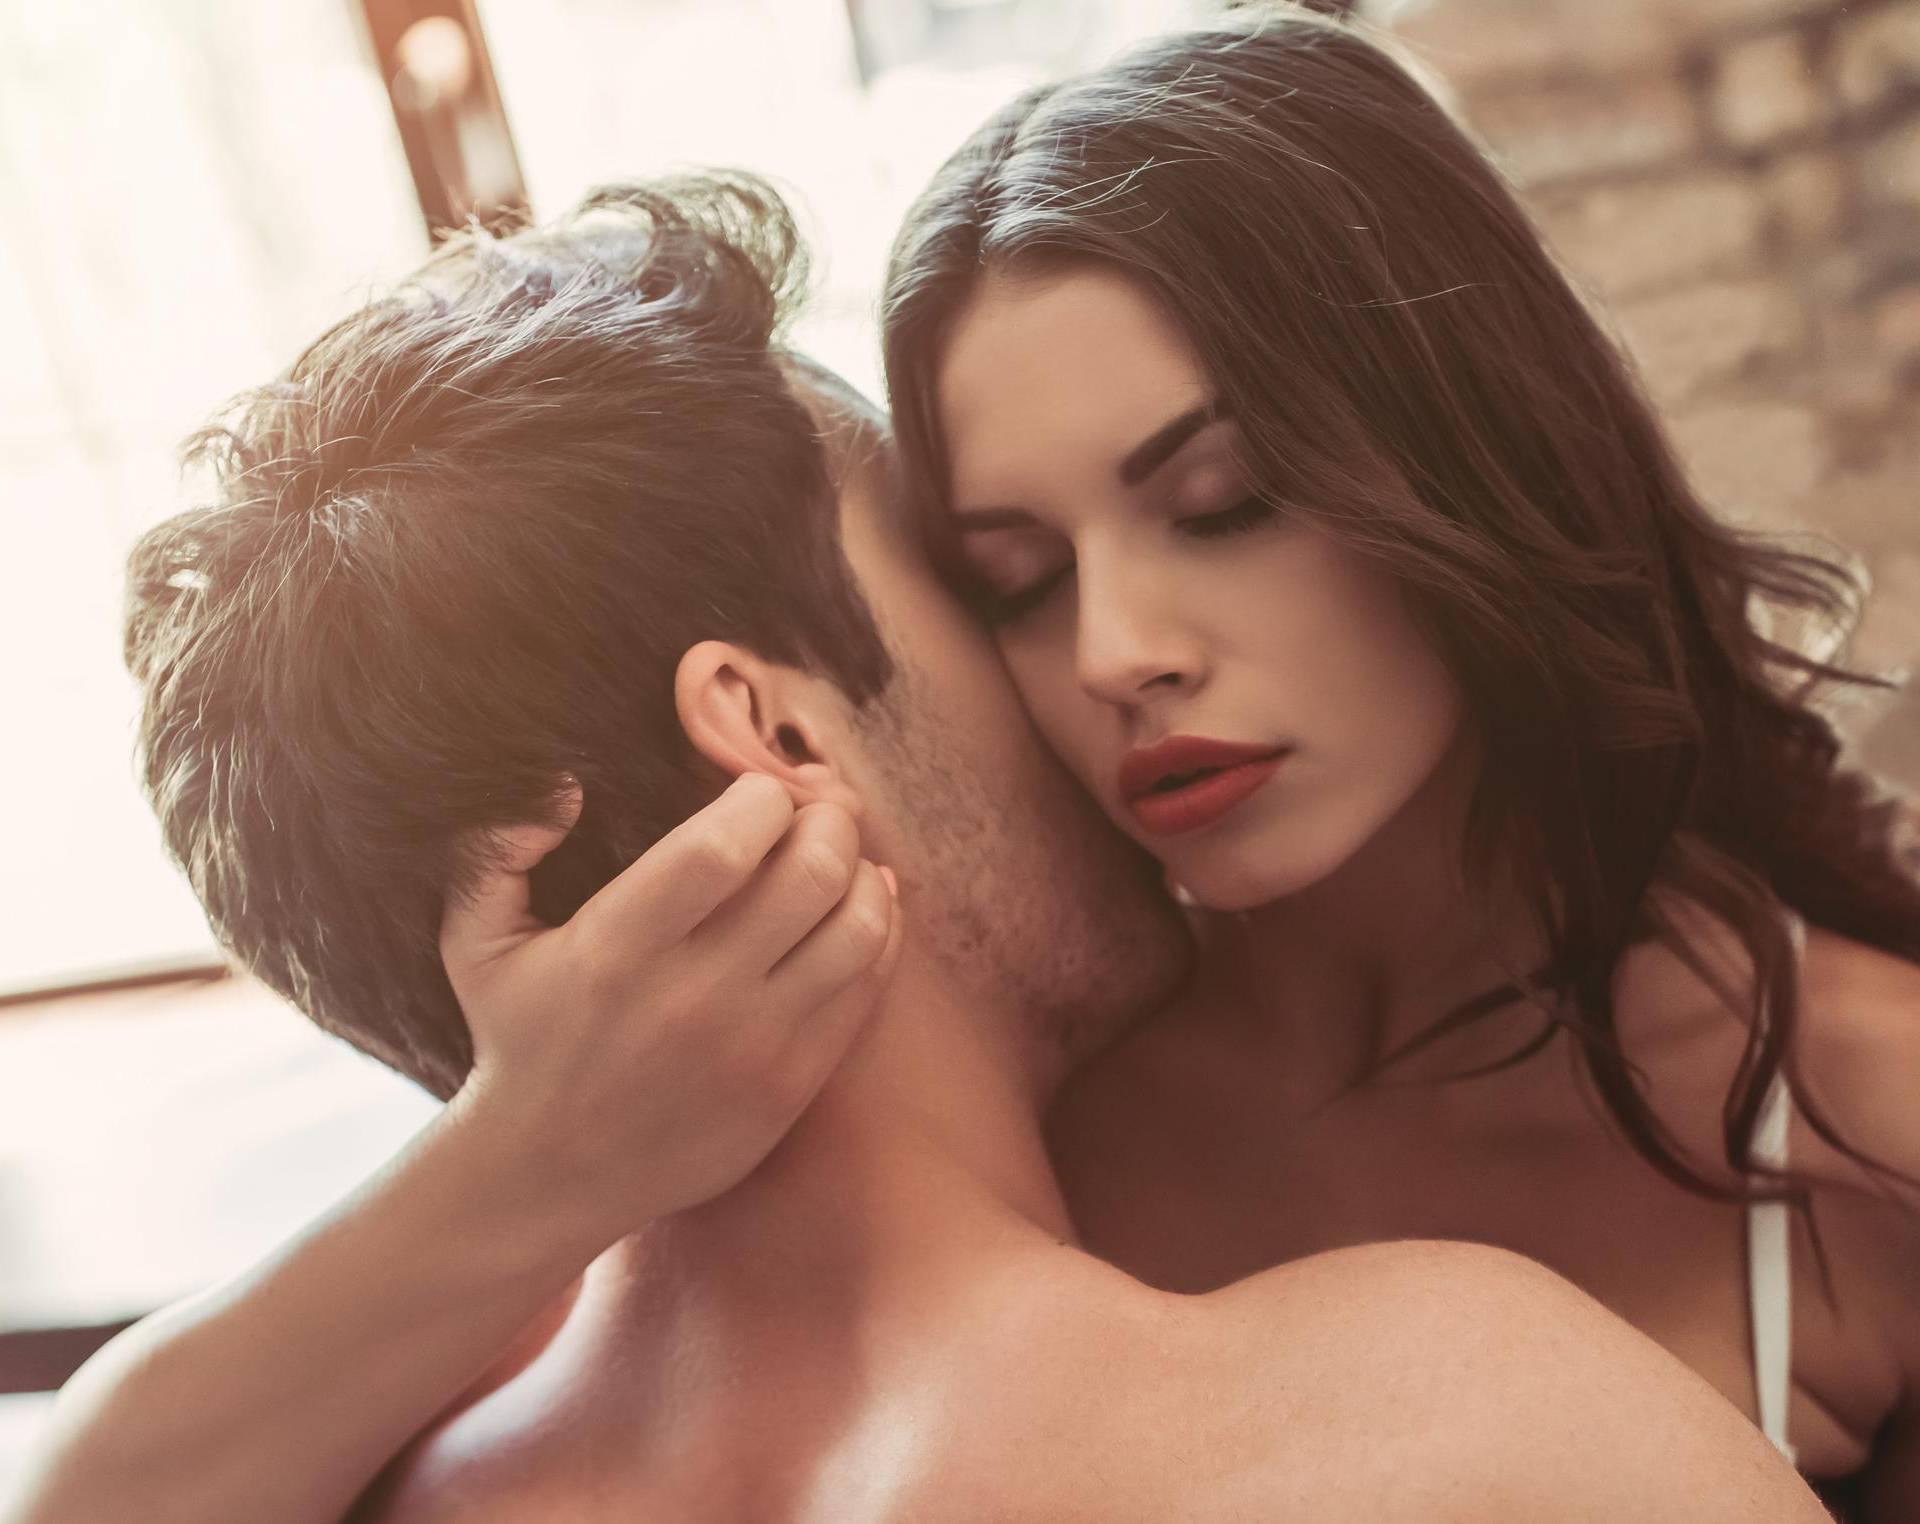 Volite vrući seks: Onda svakako napravite listu 'zločestih igrica'